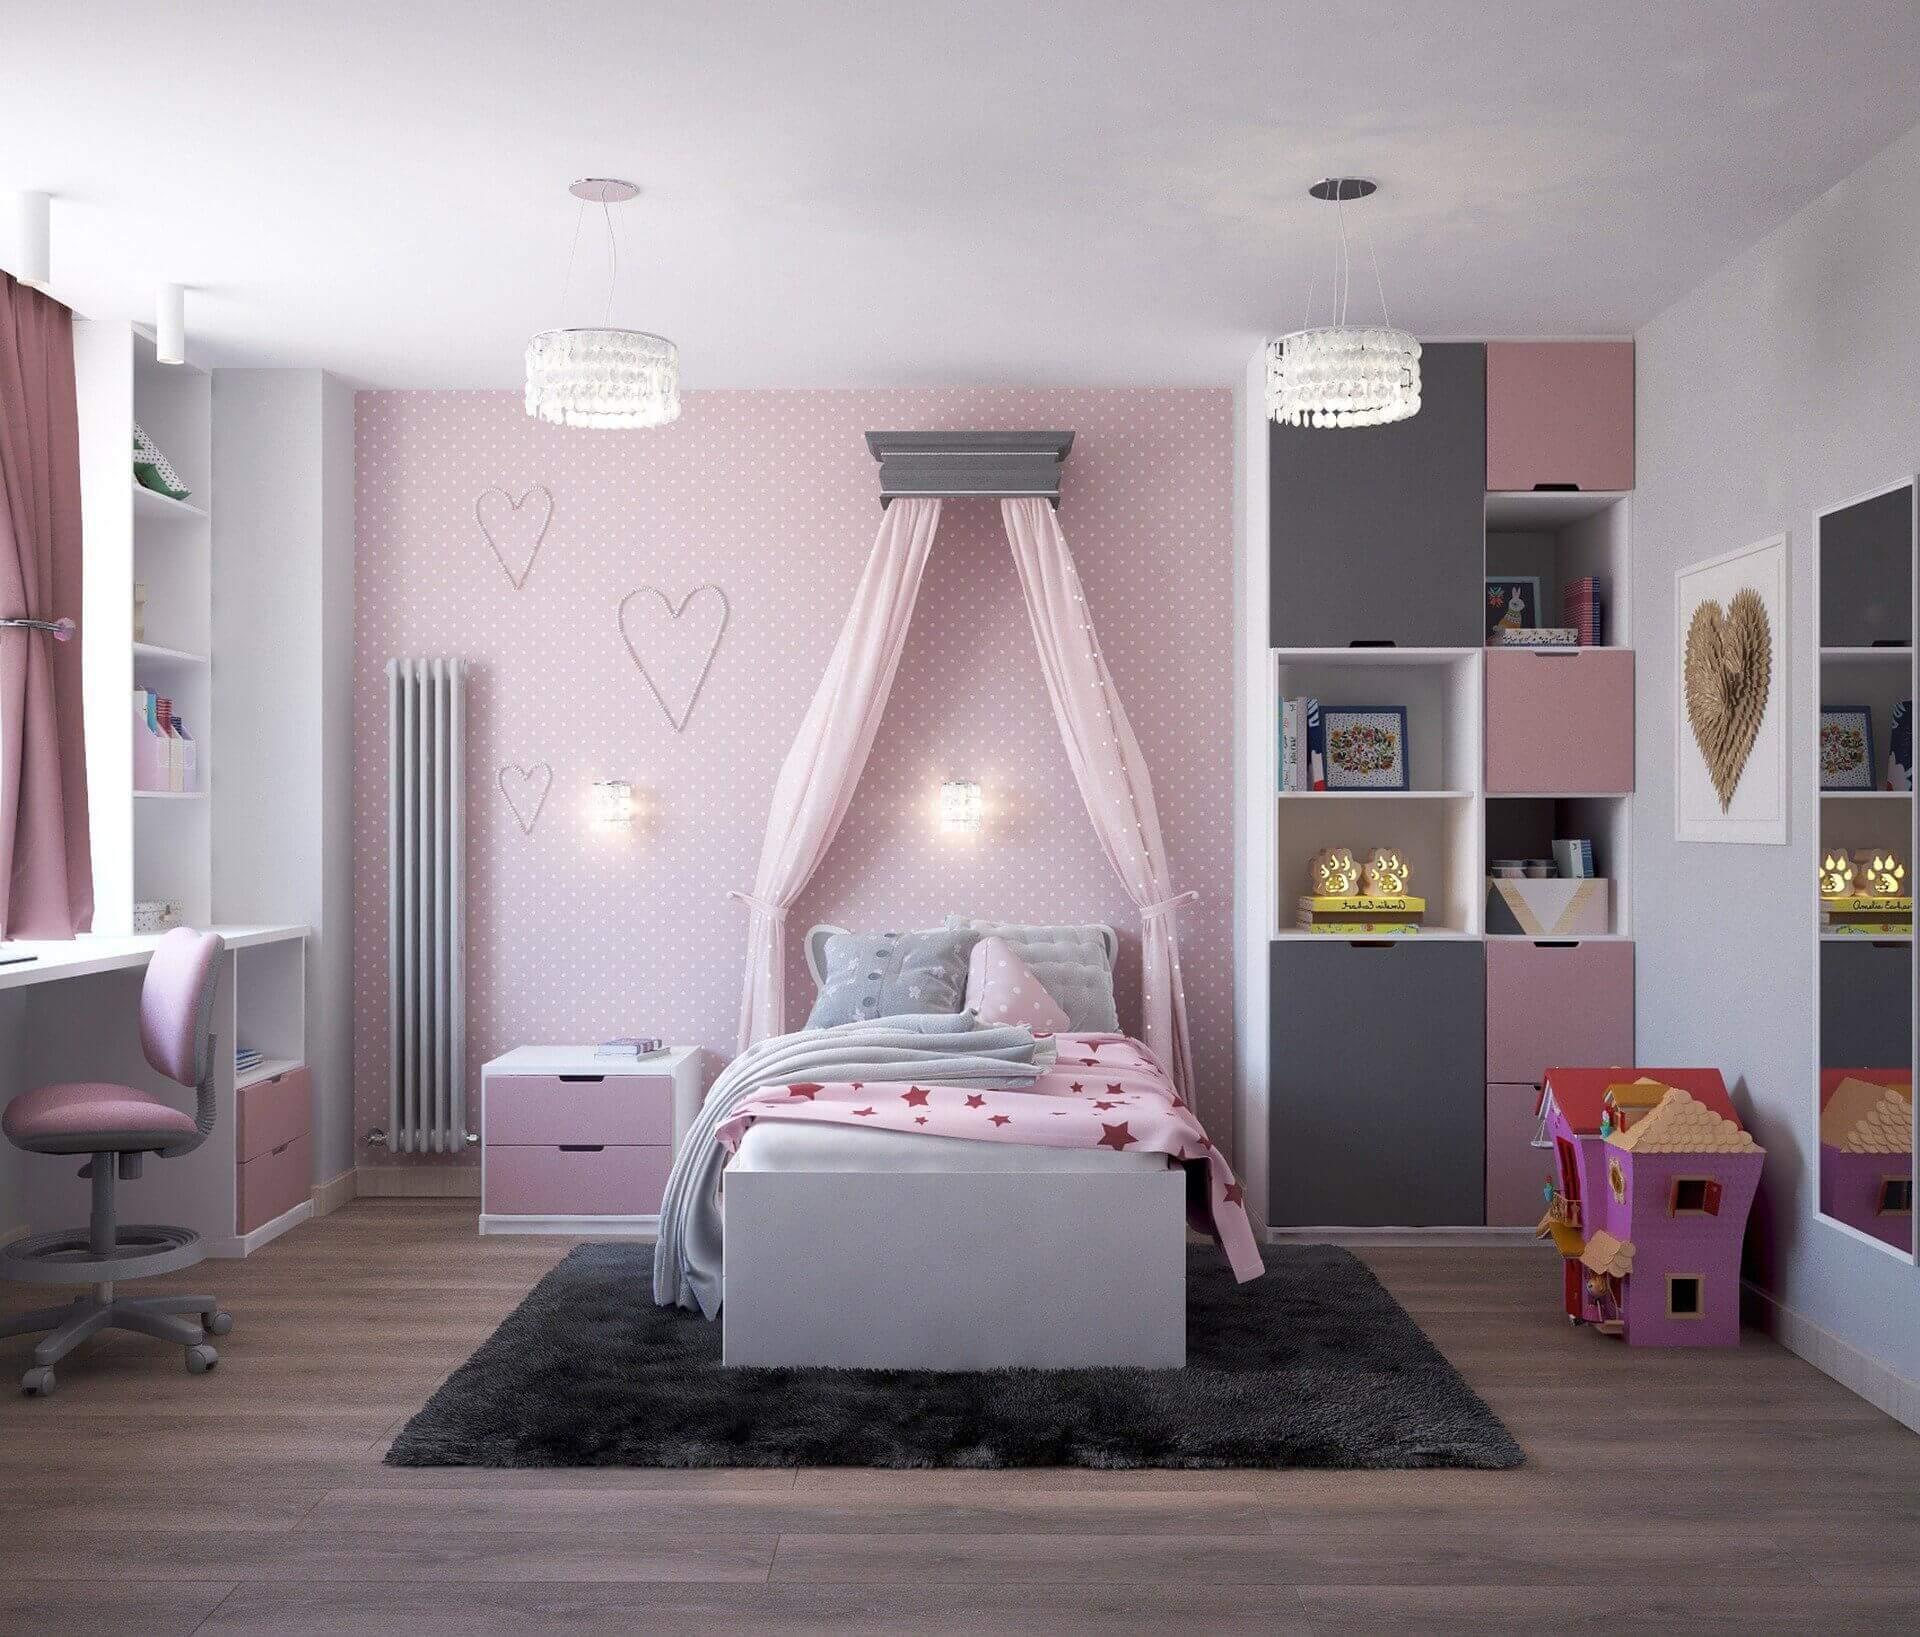 belles couleurs et motifs dans la chambre d'une ado